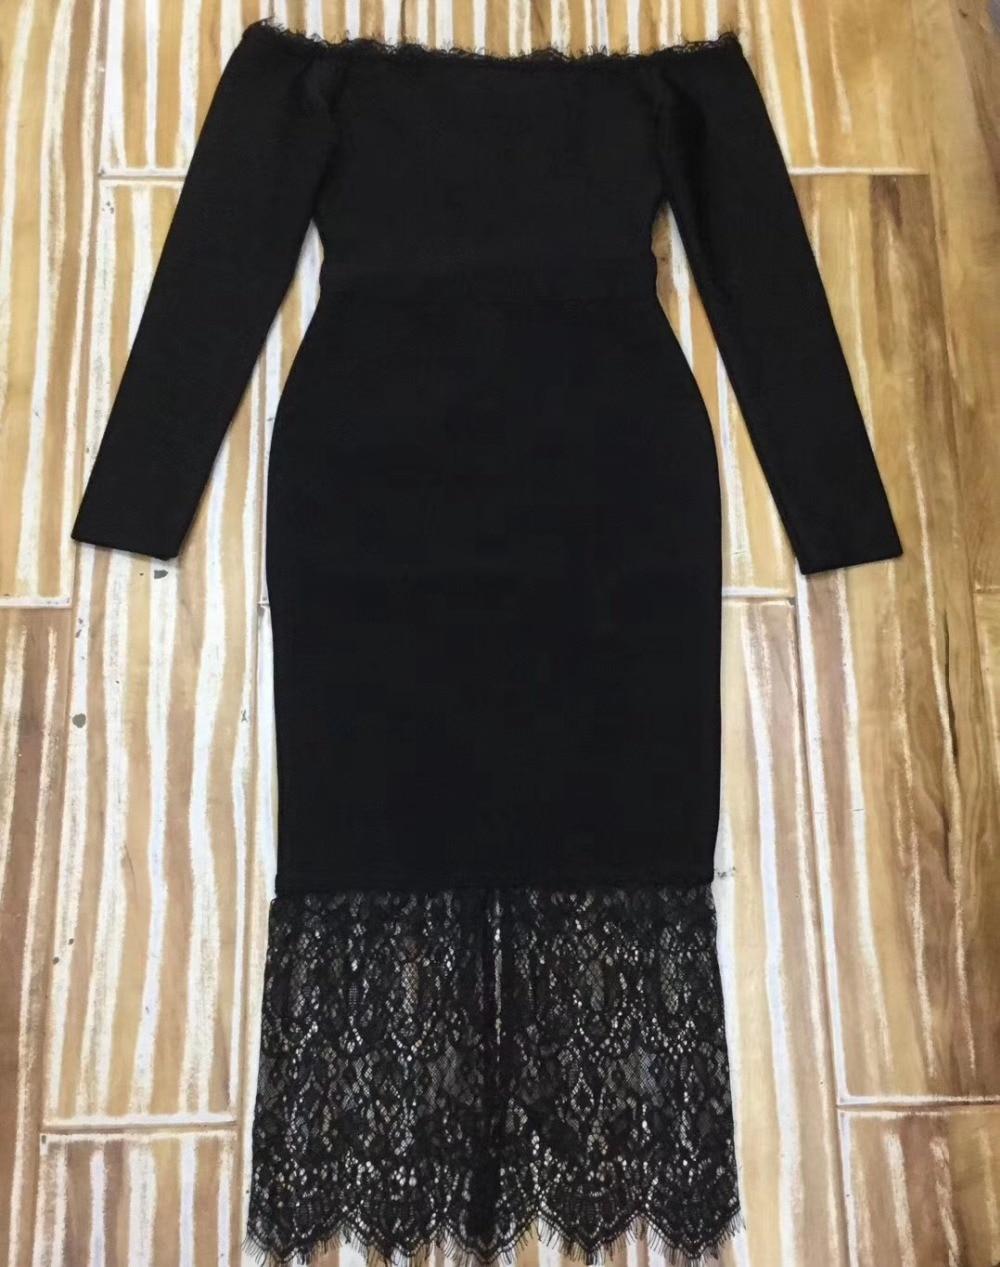 Del Di 2019 Manica Da Vestiti Aderente Vestito Slash Estate Celebrità Fasciatura Nero Donne Il Collo Lunga Verano Clubwear Dalla Abiti Partito pEdwqp4